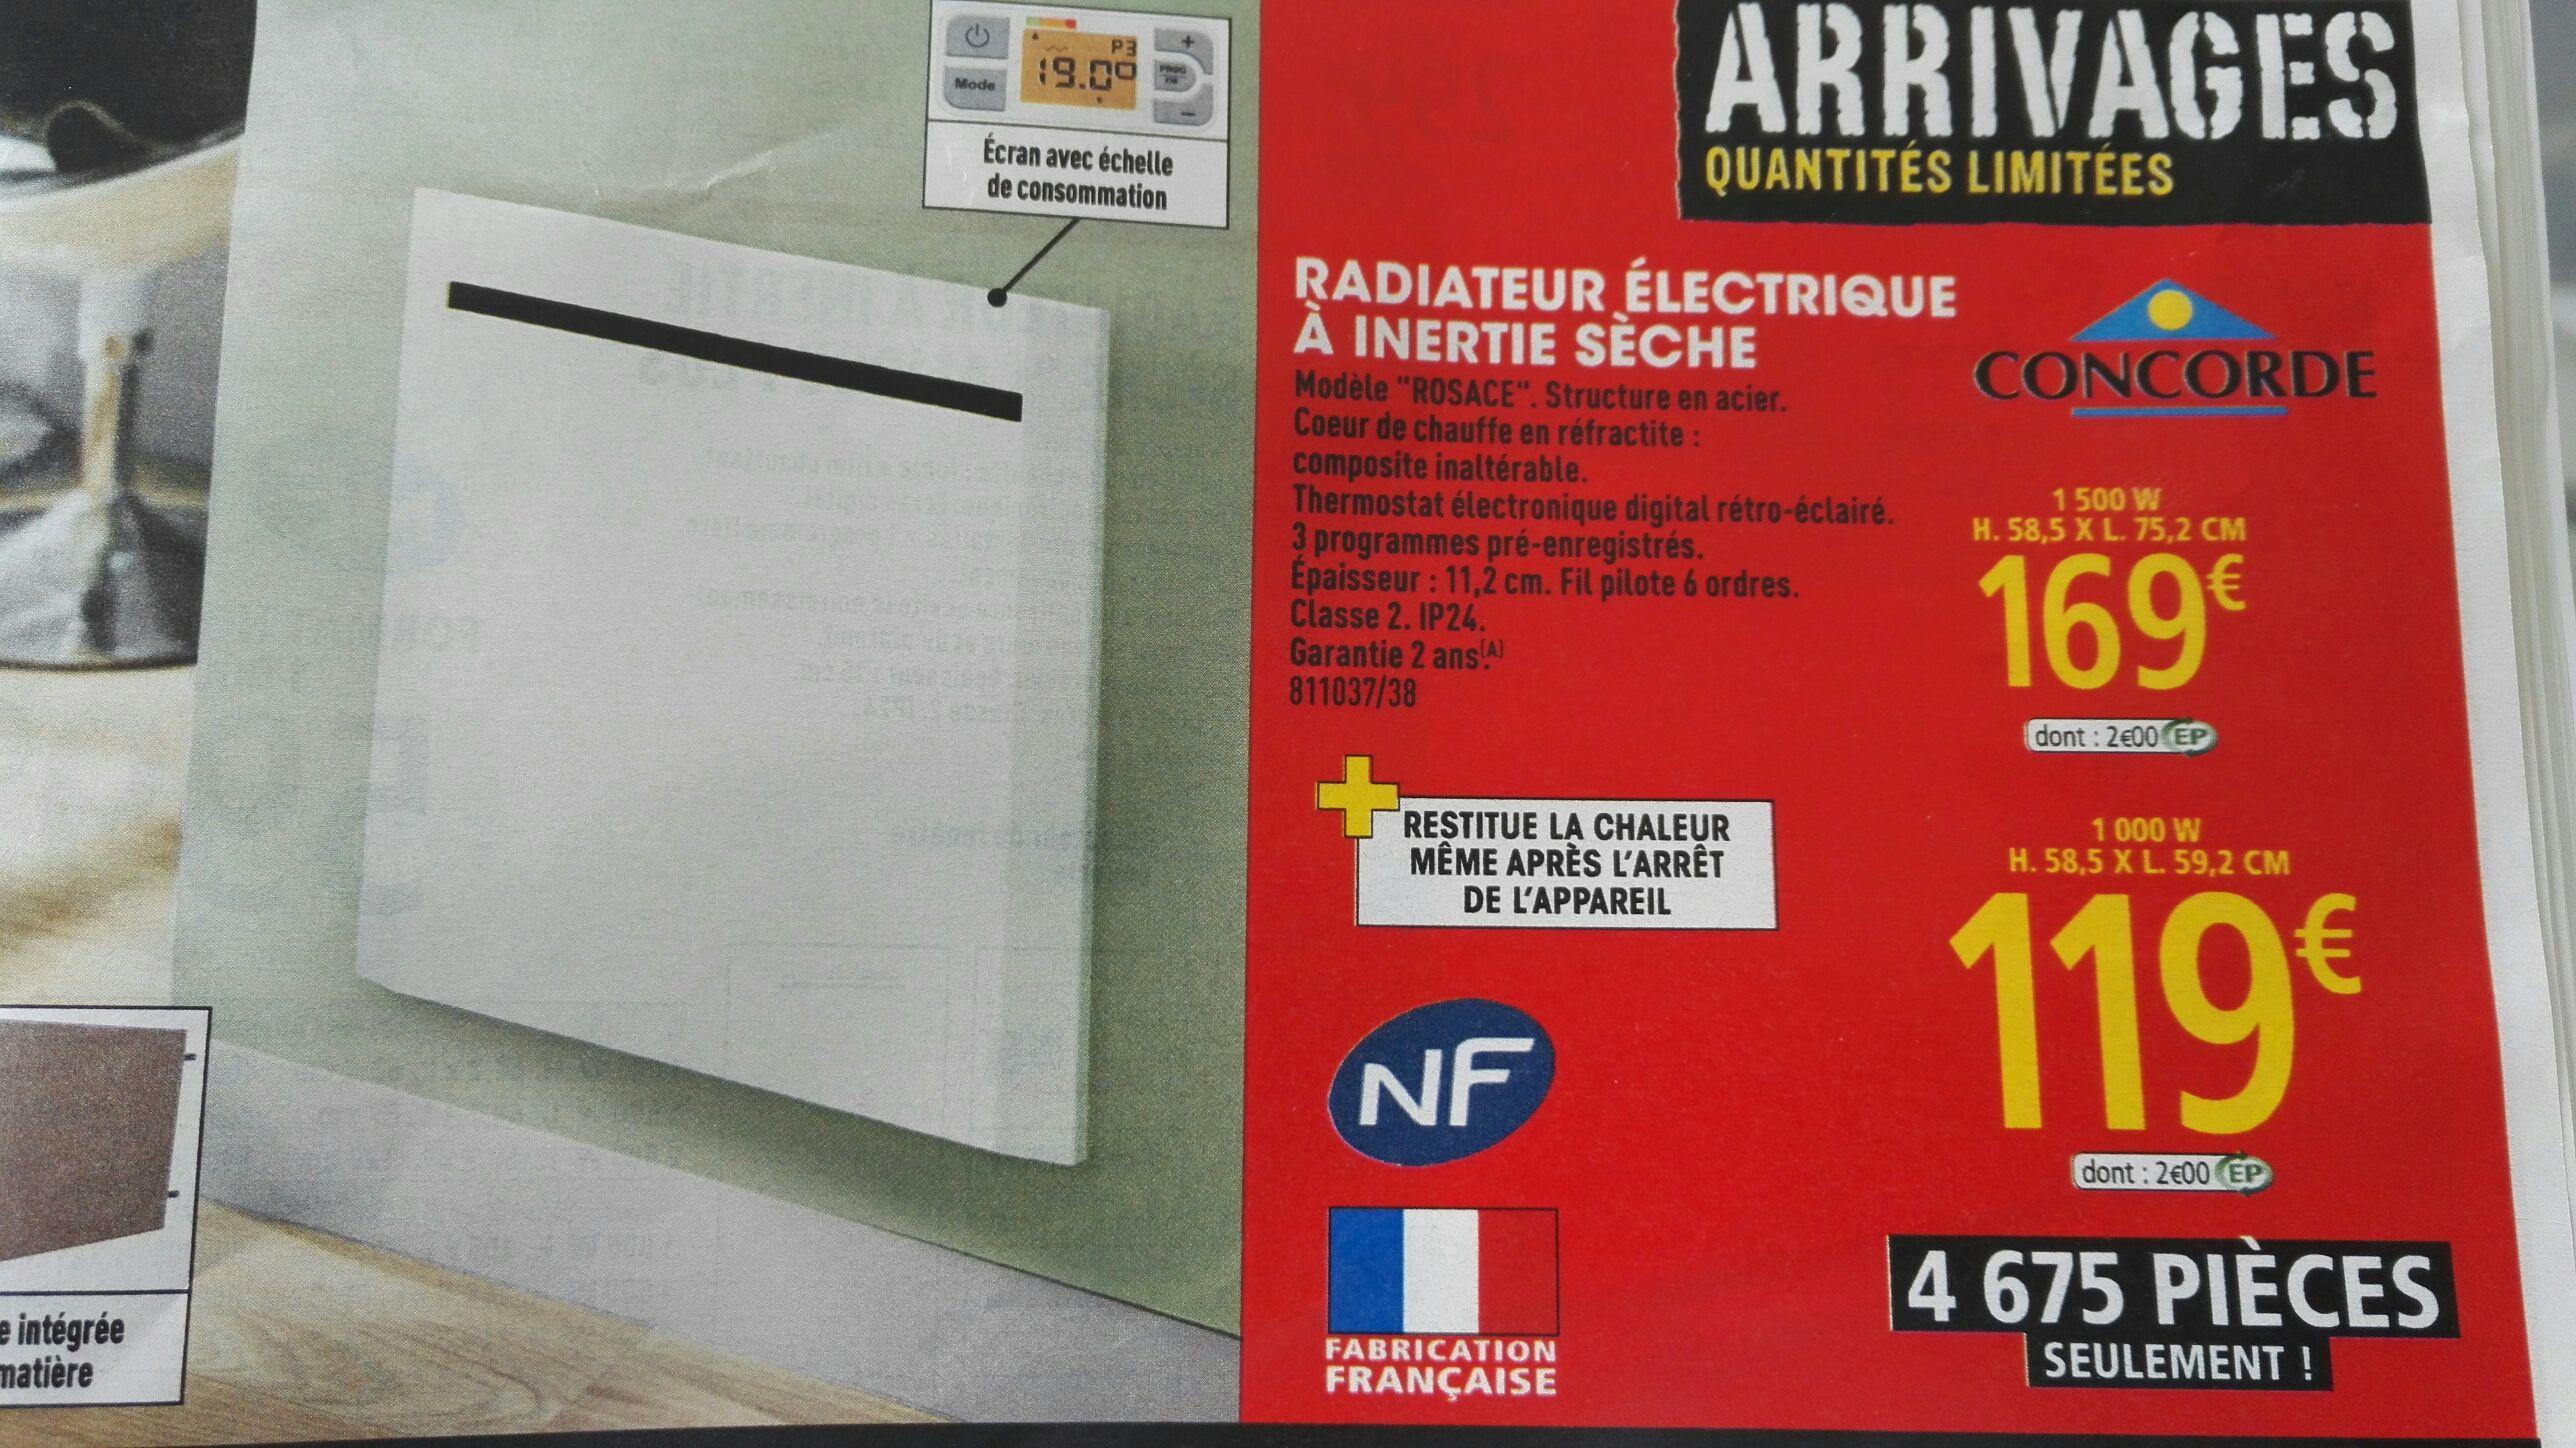 Radiateur électrique à Inertie Sèche Concorde Rosace 1000w